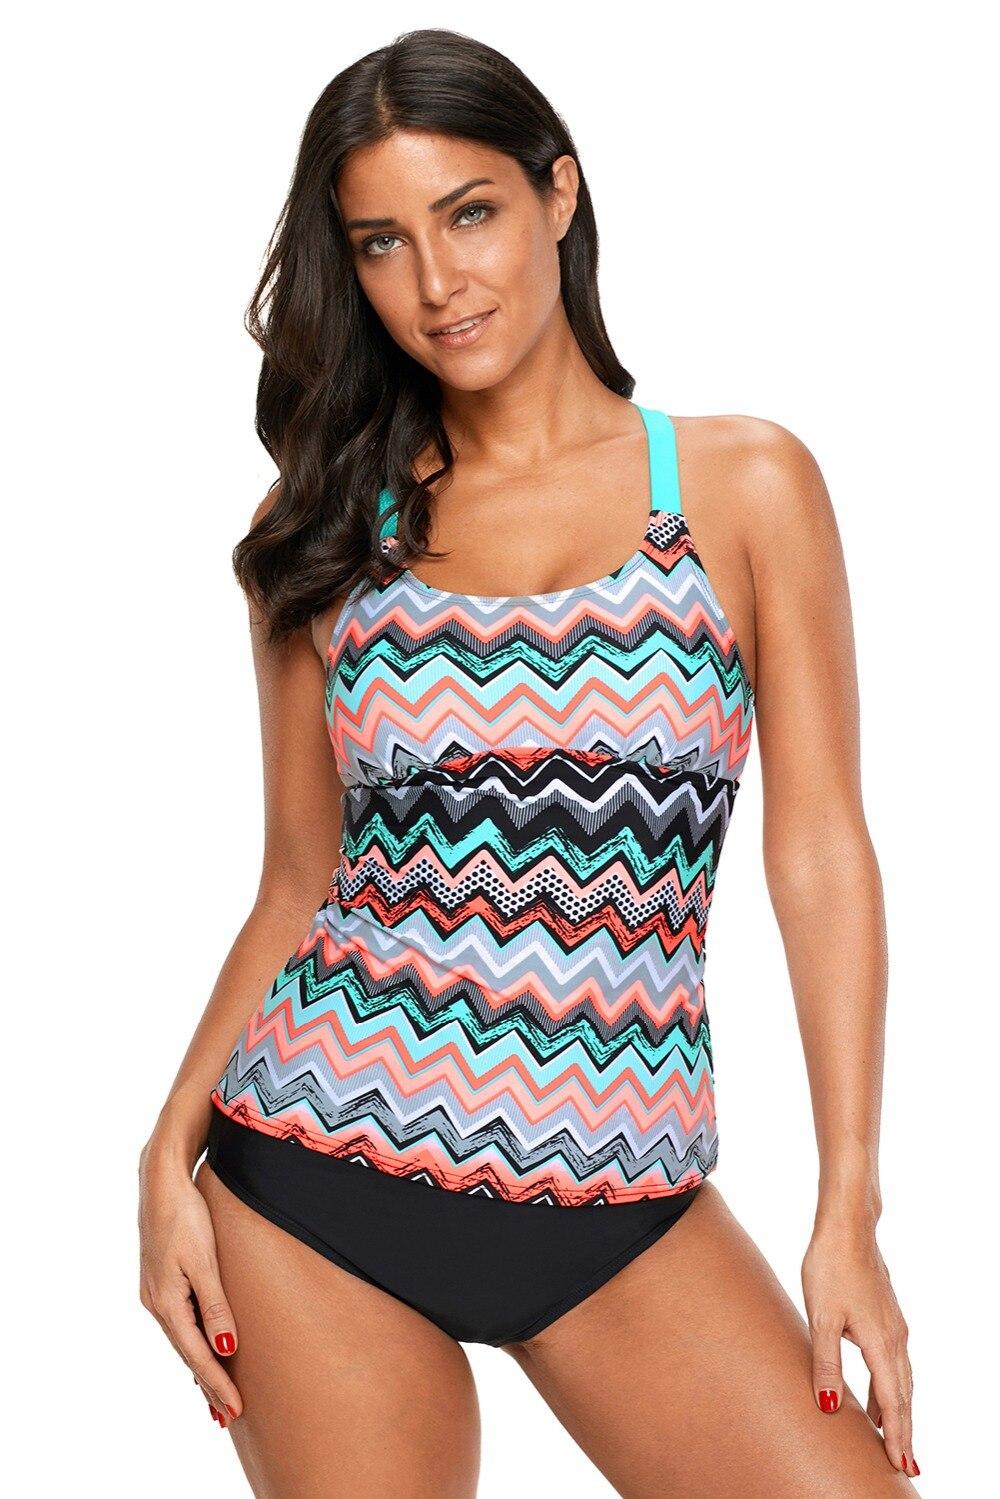 Womans Plus size 2X or 3X power mesh 2 piece Swim dress Bathing Suit